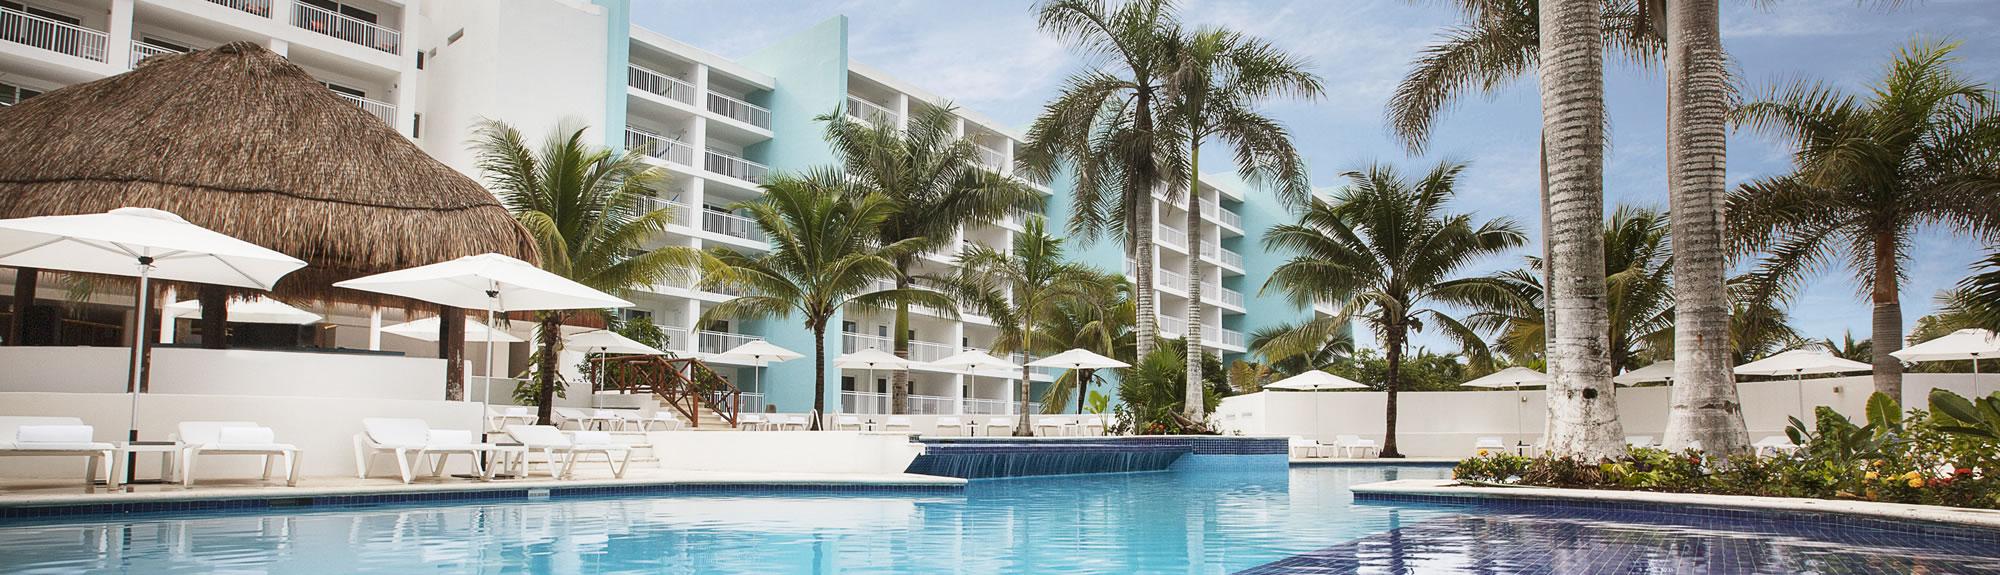 Hotel 5 estrellas en Cozumel